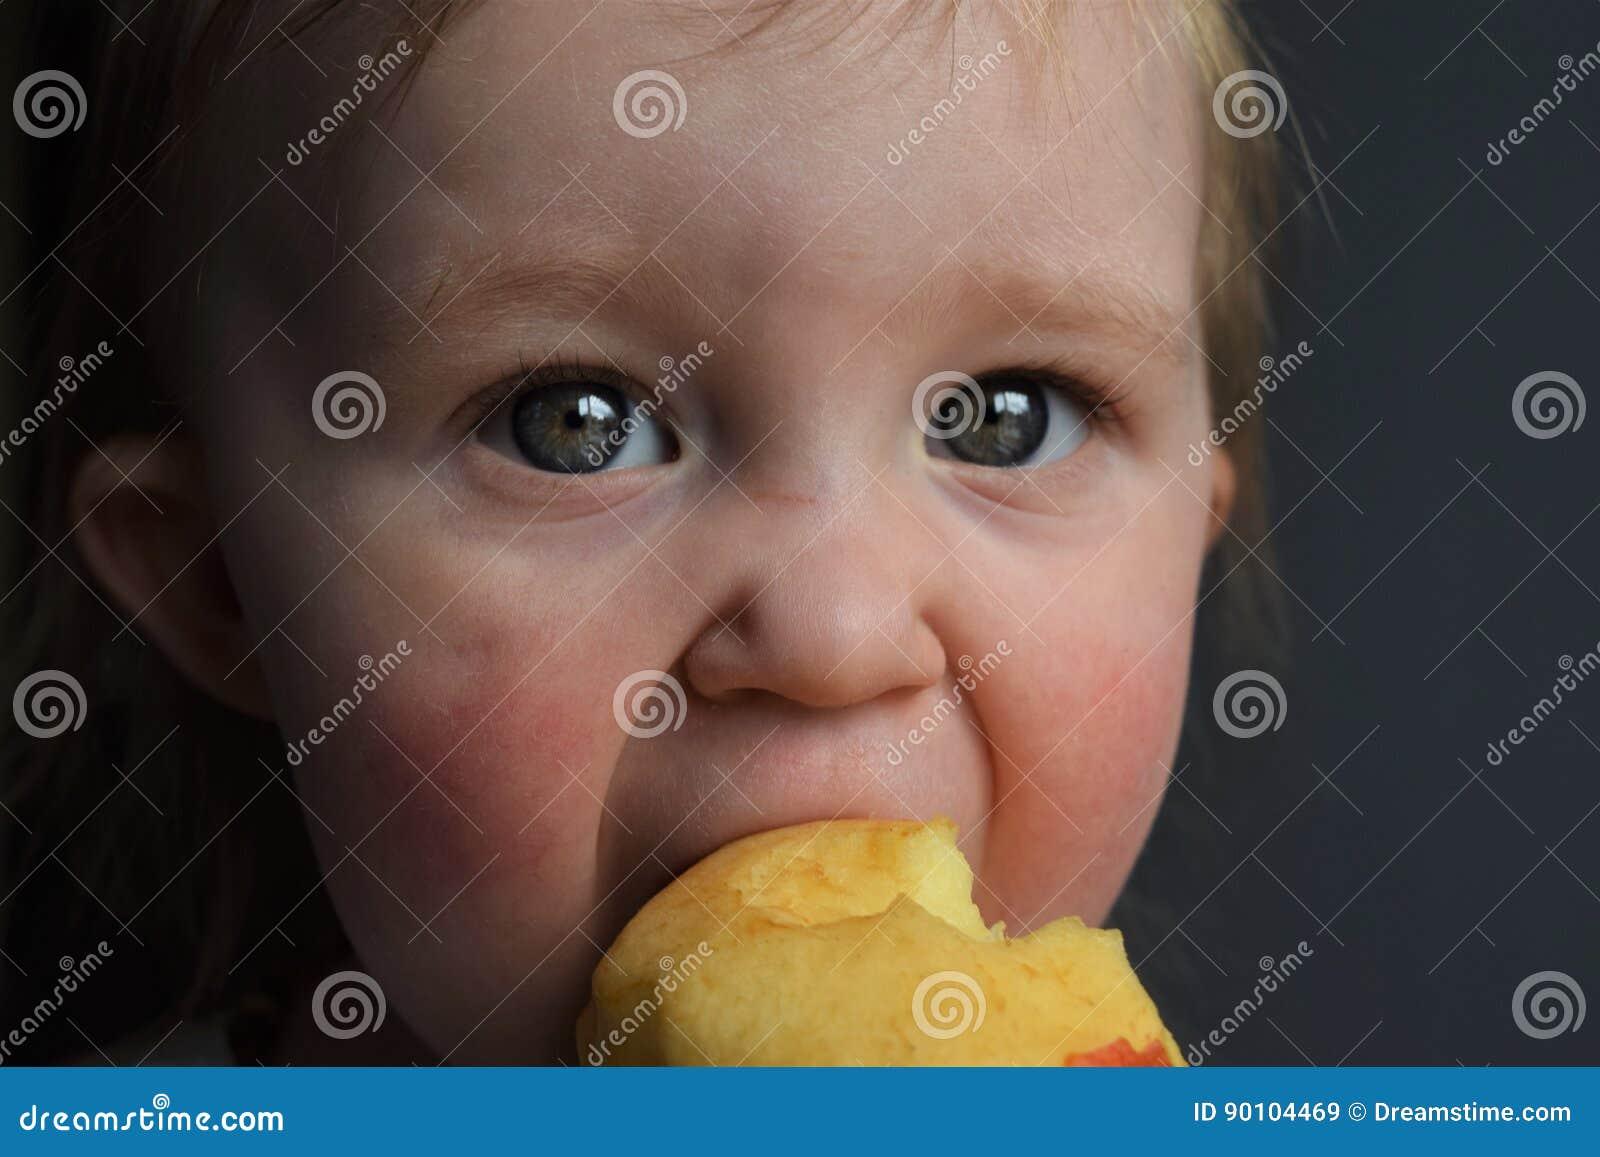 μήλο που τρώει το μικρό παιδί